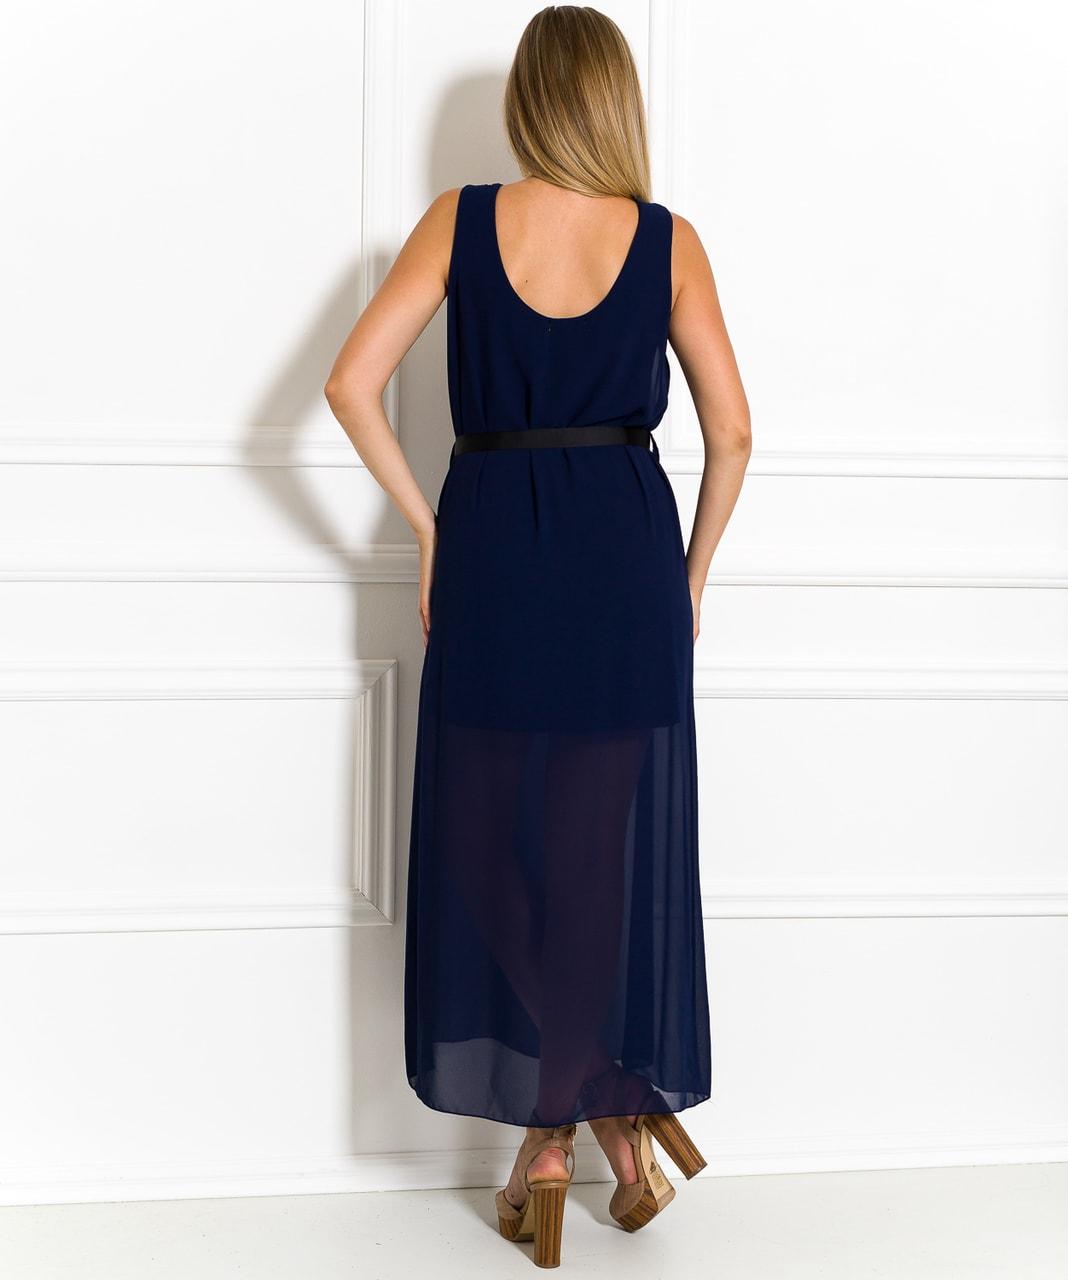 Dlouhé šaty tmavě modré šifonové - Glamorous by Glam - Letní šaty ... 77a8e65f4c